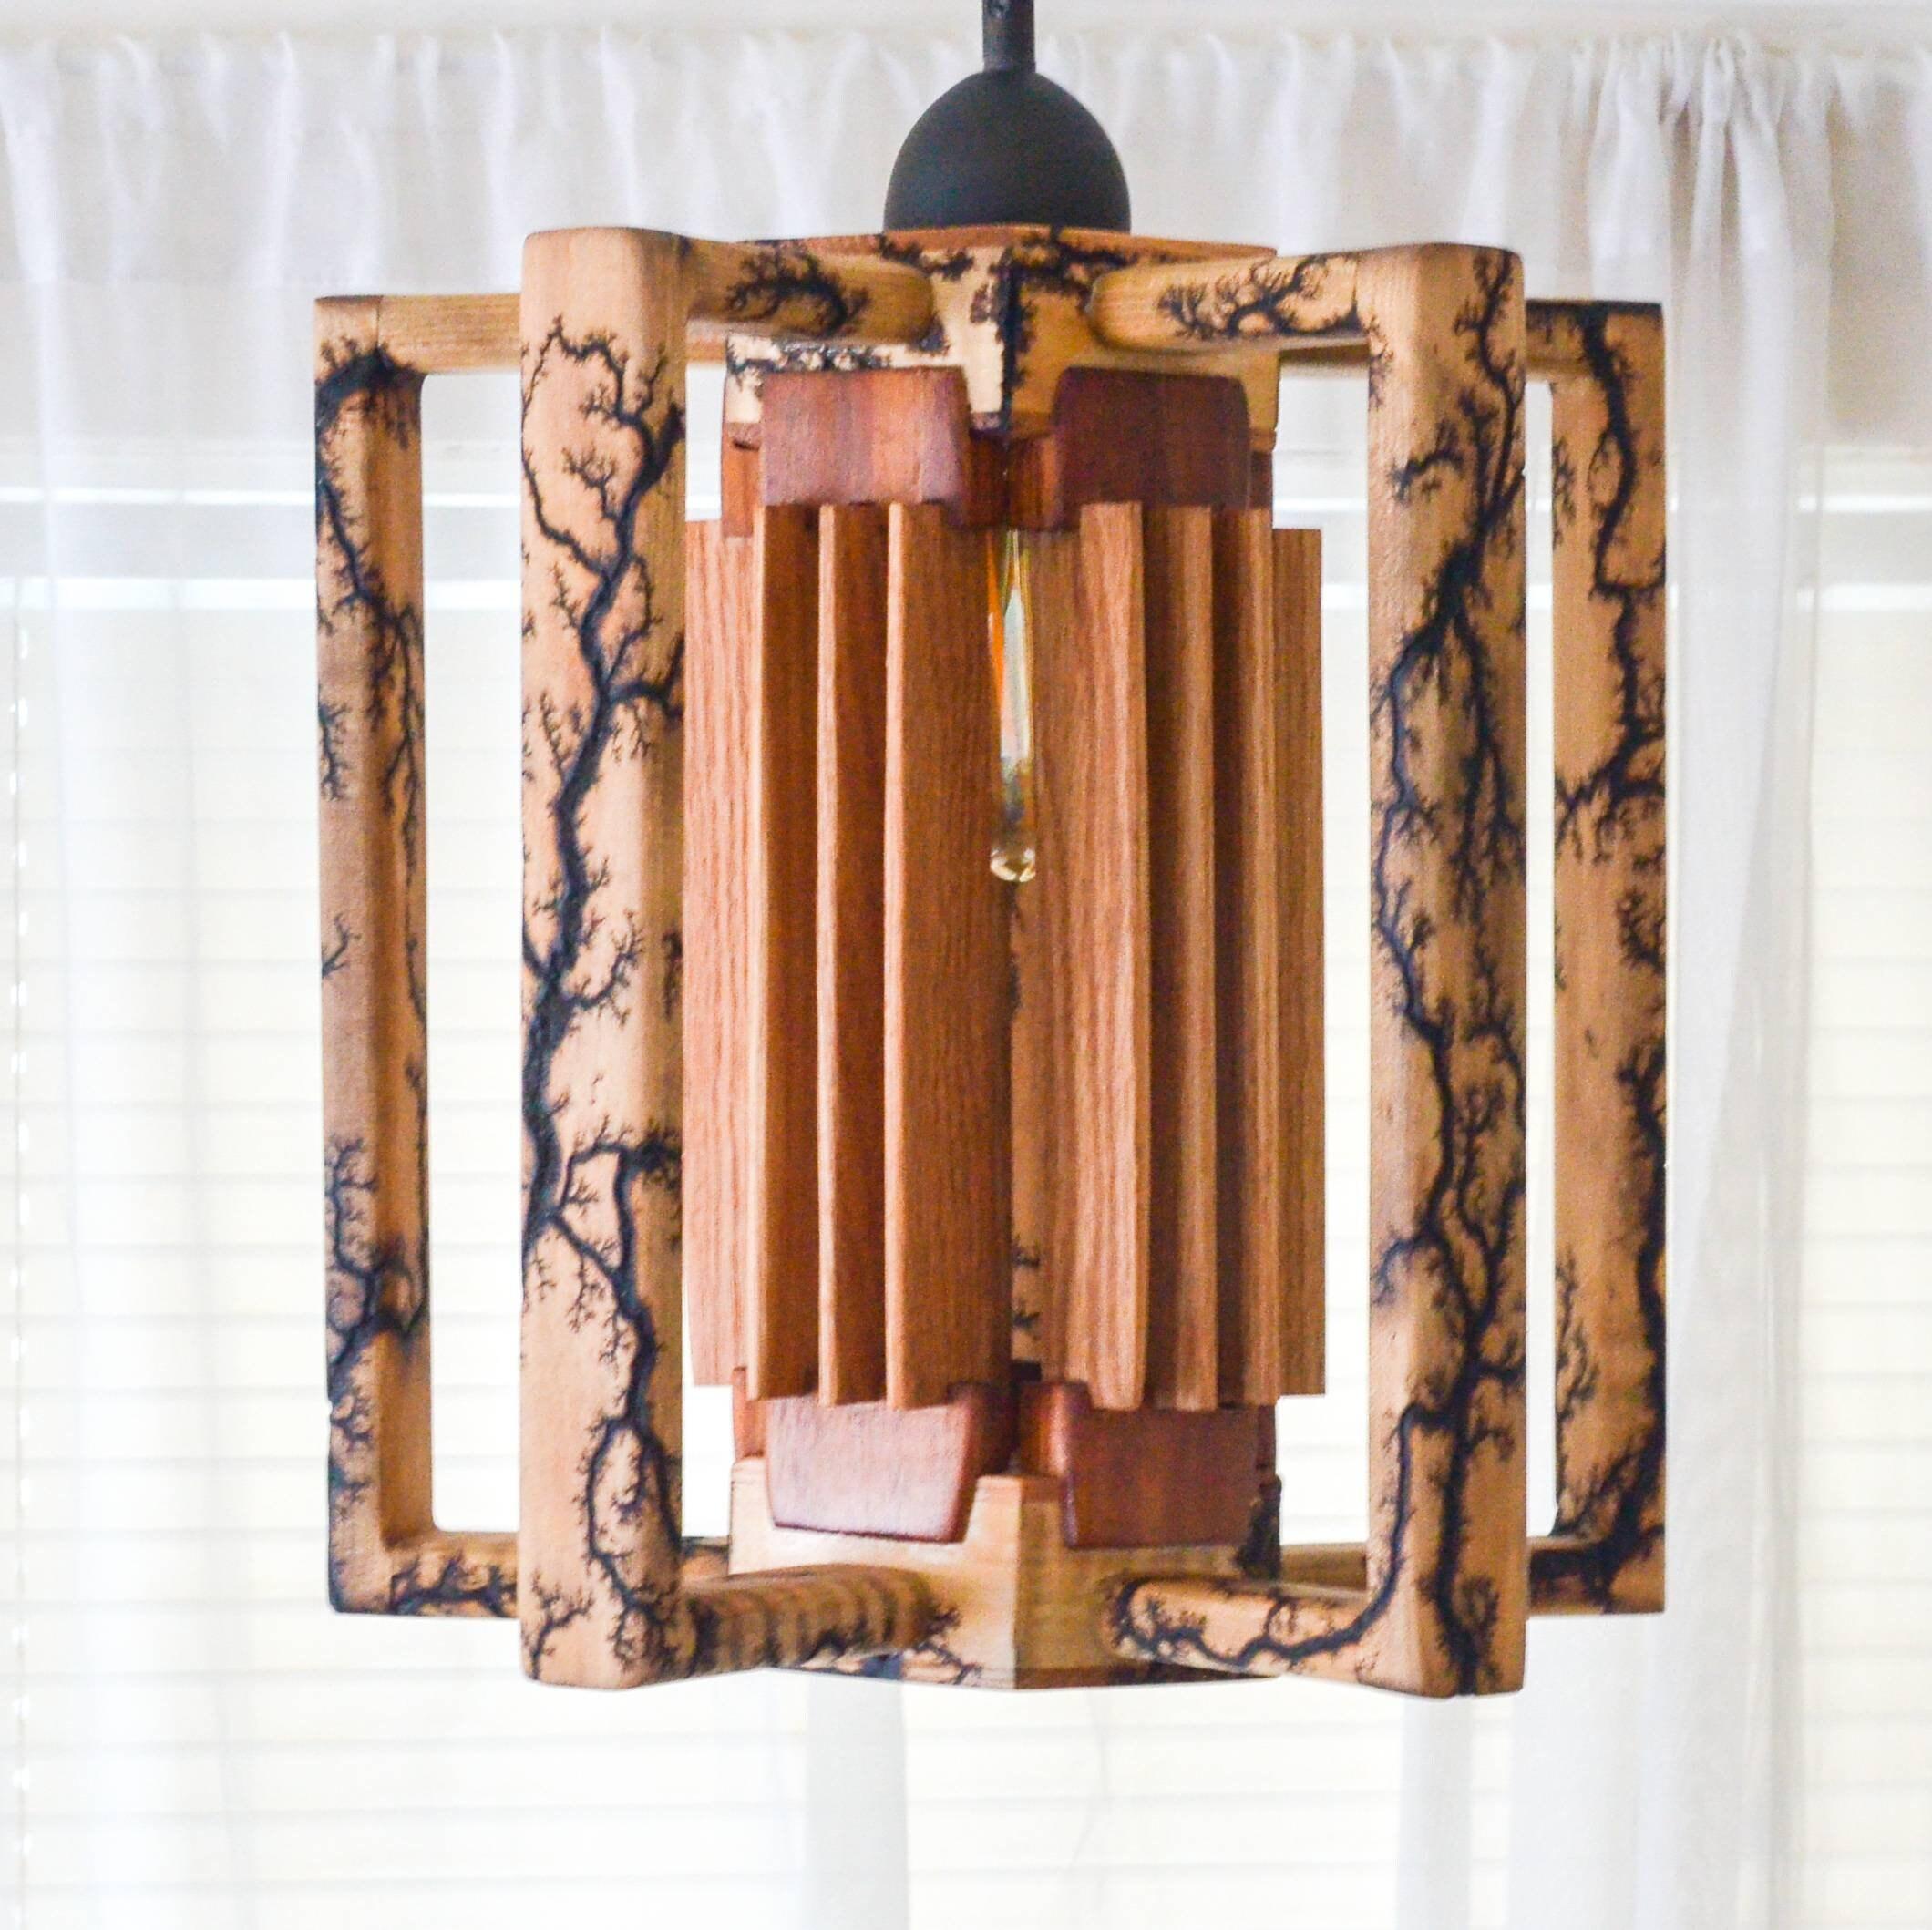 Fractal Pendant Lights: Hanging Pendant Lamp With Fractal Wood Burning